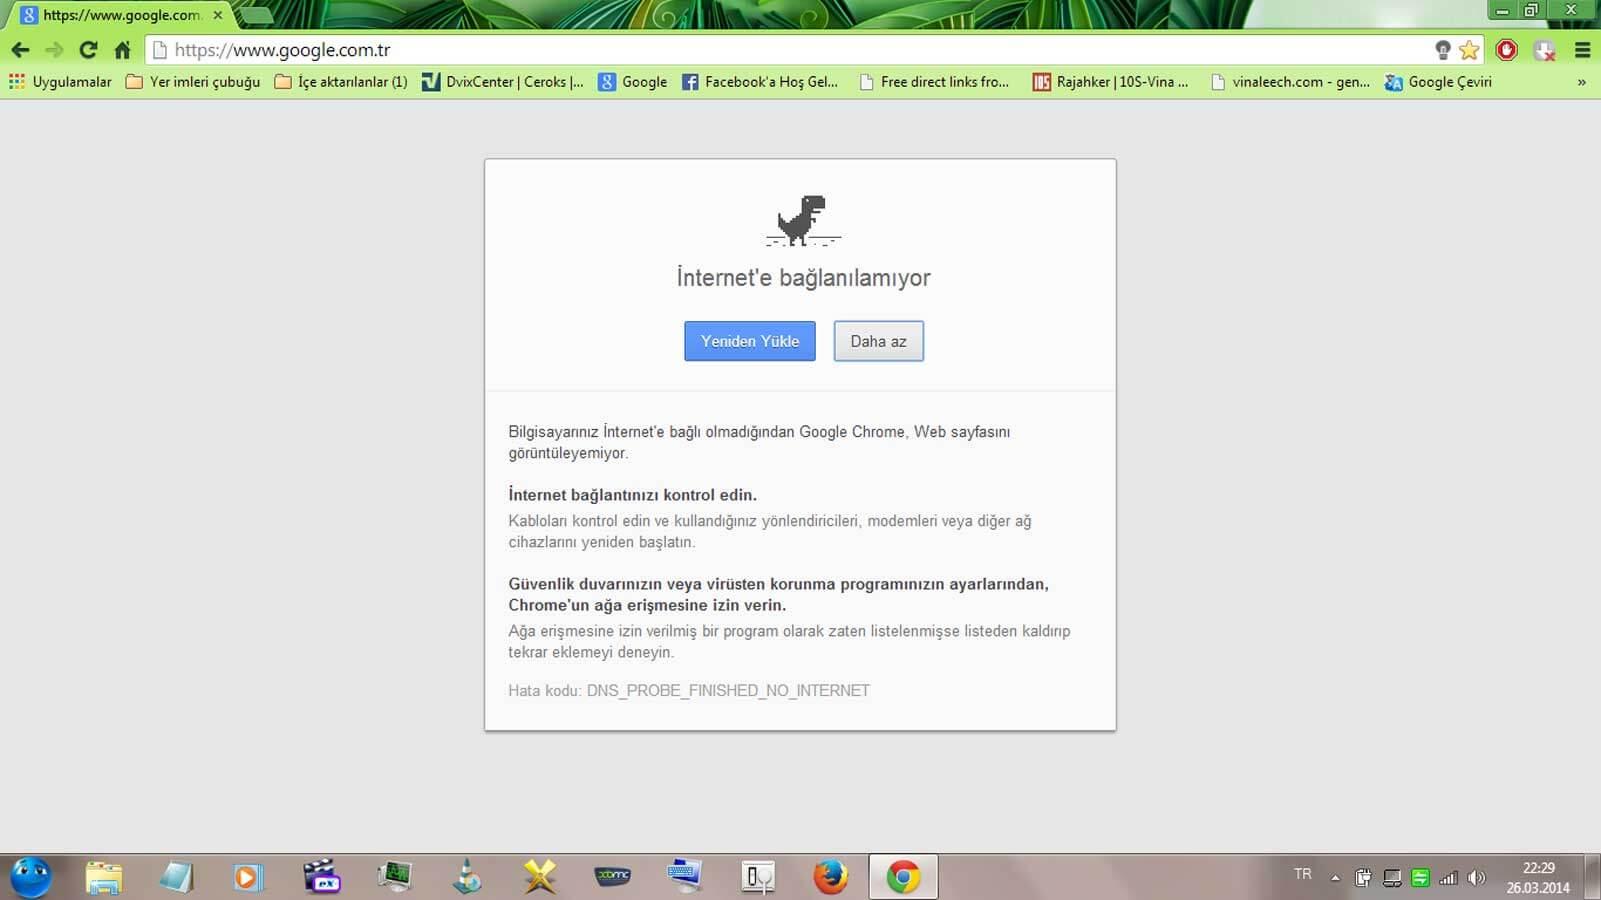 İnternete Bağlanmıyor Proxy Hatası Proxy Hatası Nasıl Çözülür? Neden Hata Alınır? internete baglanamiyor